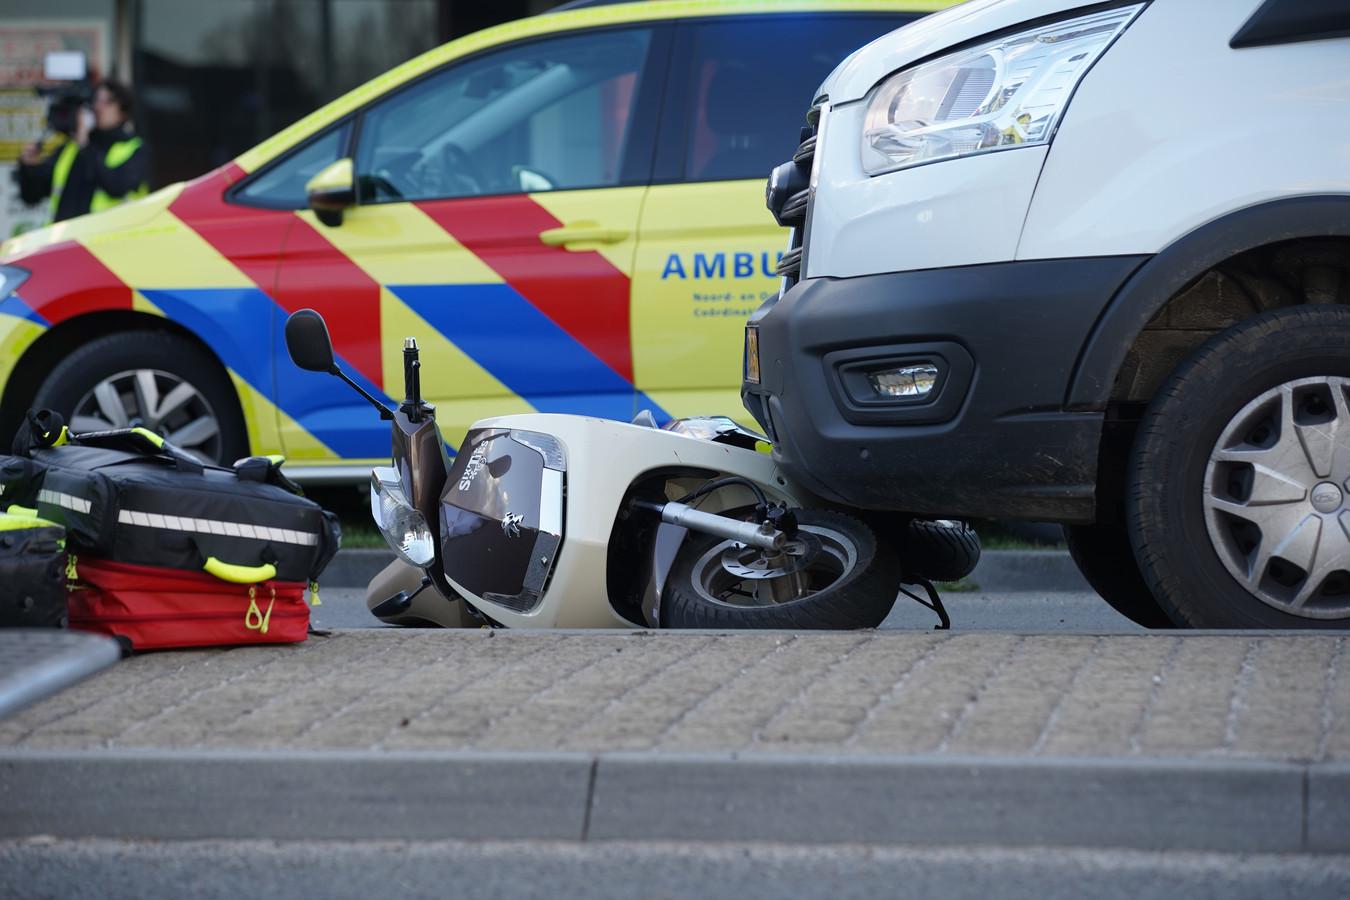 Bij een ongeval op de Zutphensestraat is een scooterrijder om het leven gekomen na een ongeval met een bestelbus.